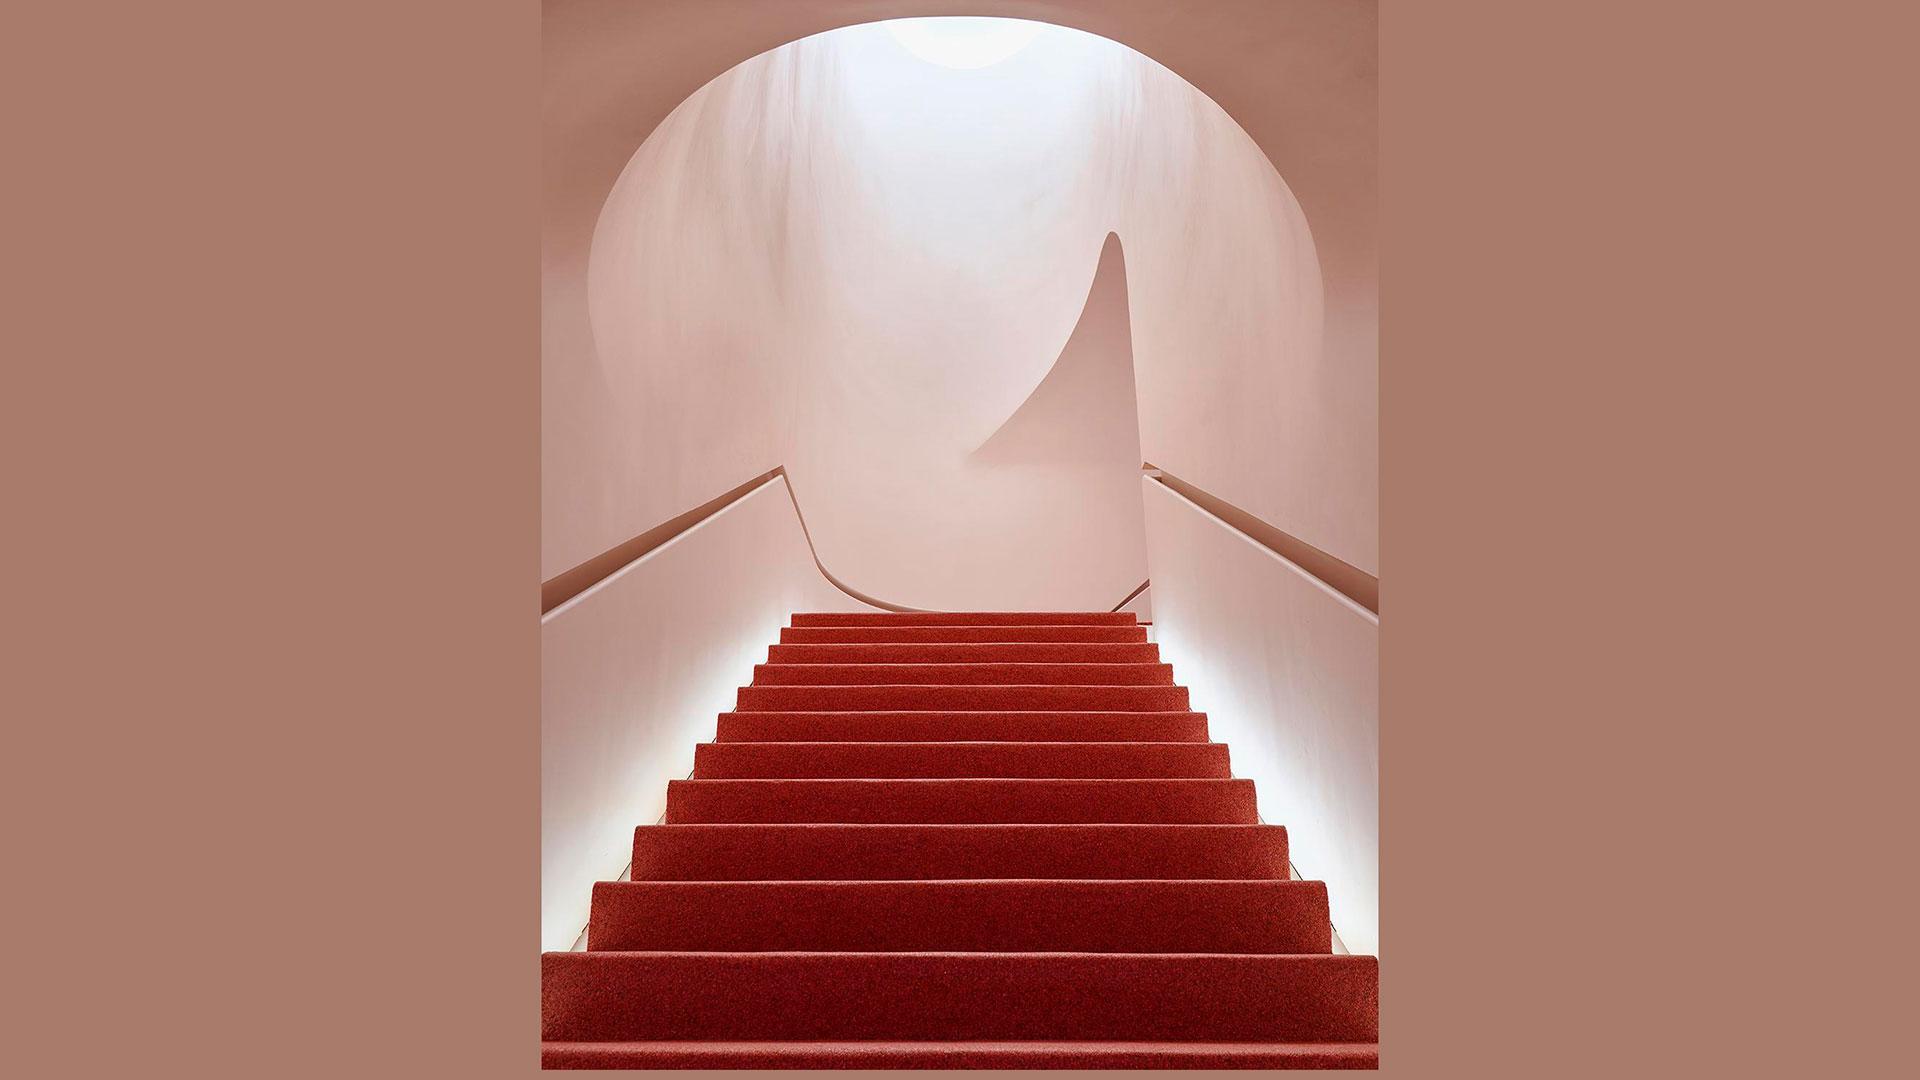 Imagen de escaleras con fondo rosa